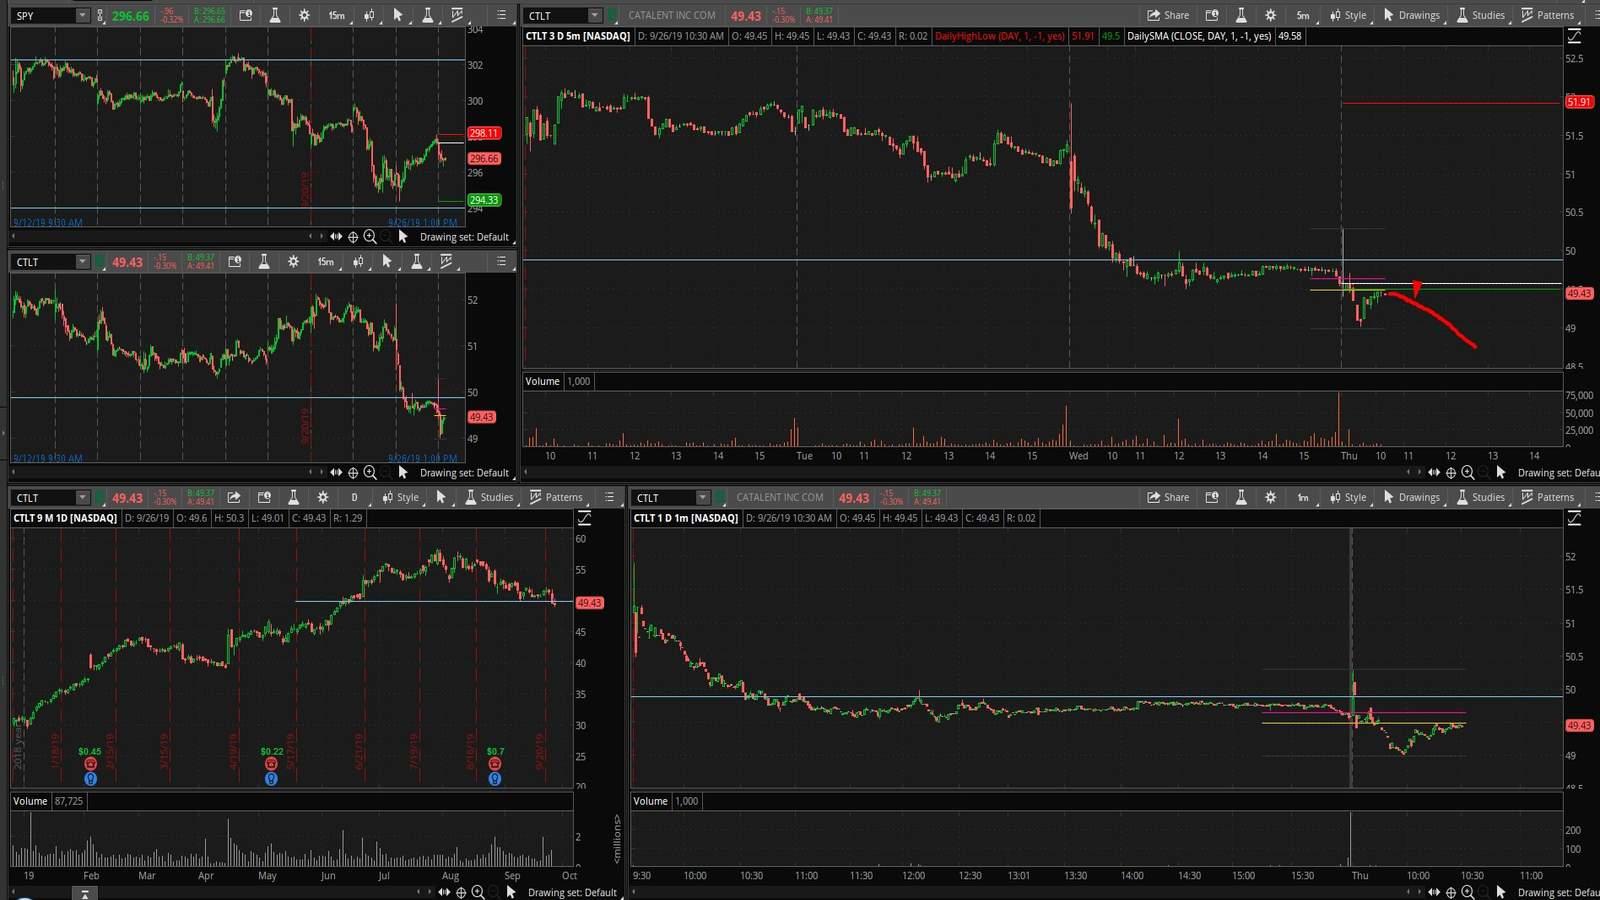 CTLT акция на фондовой бирже